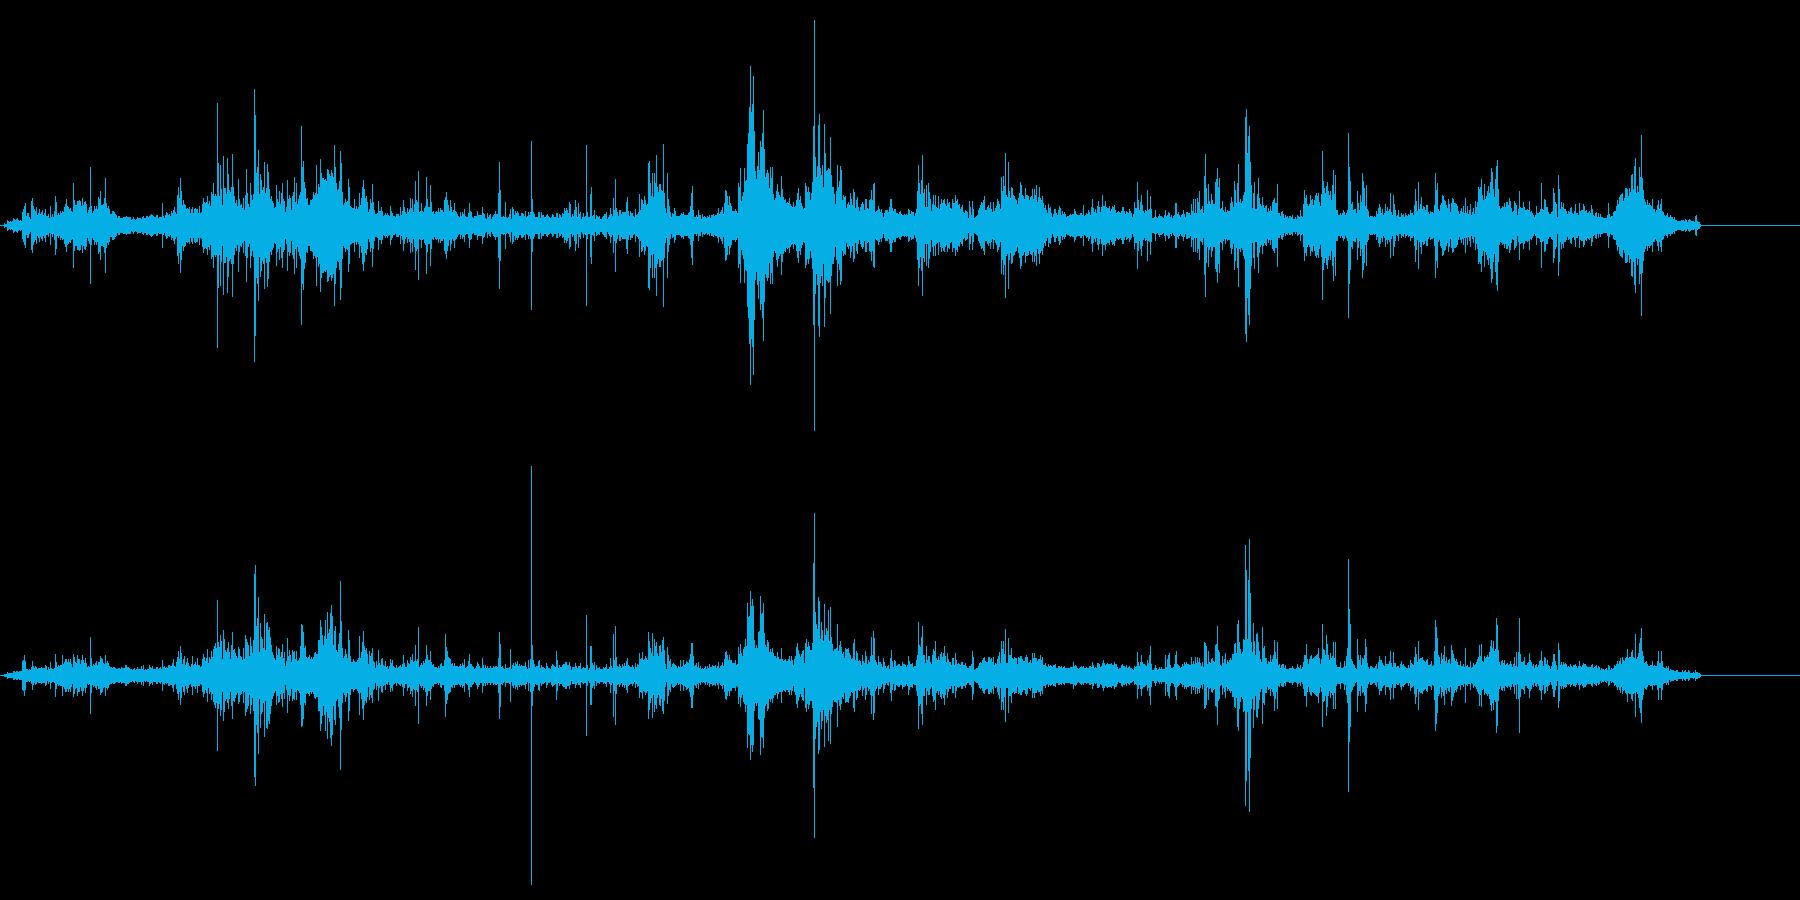 湖畔の波の音 ドボン ポチョン ザブン の再生済みの波形